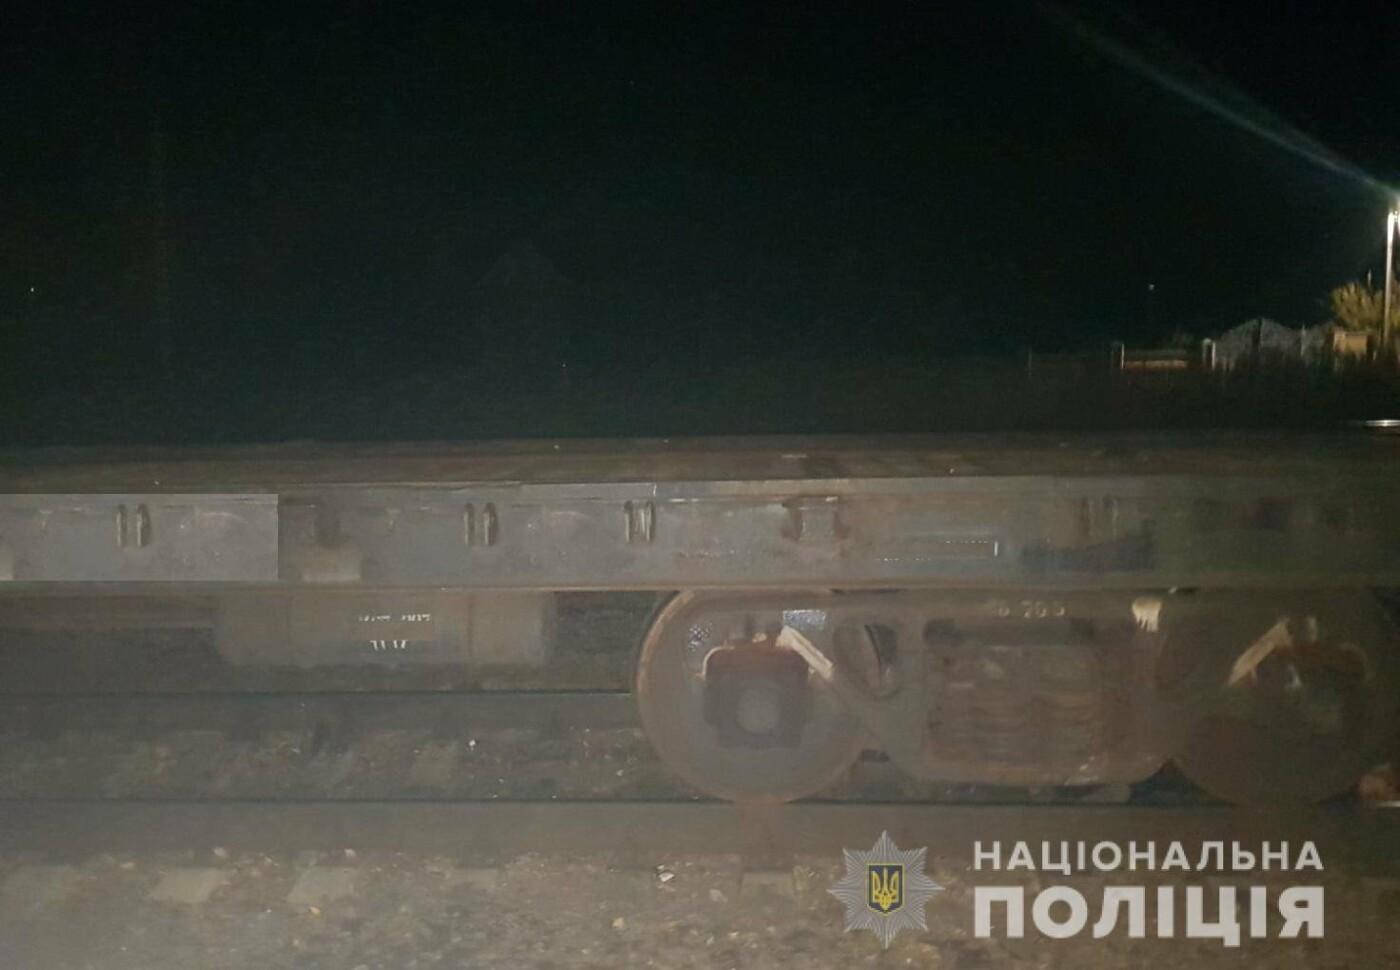 В Дергачах грузовой поезд насмерть сбил мужчину, сидевшего на рельсах, - ФОТО, фото-2